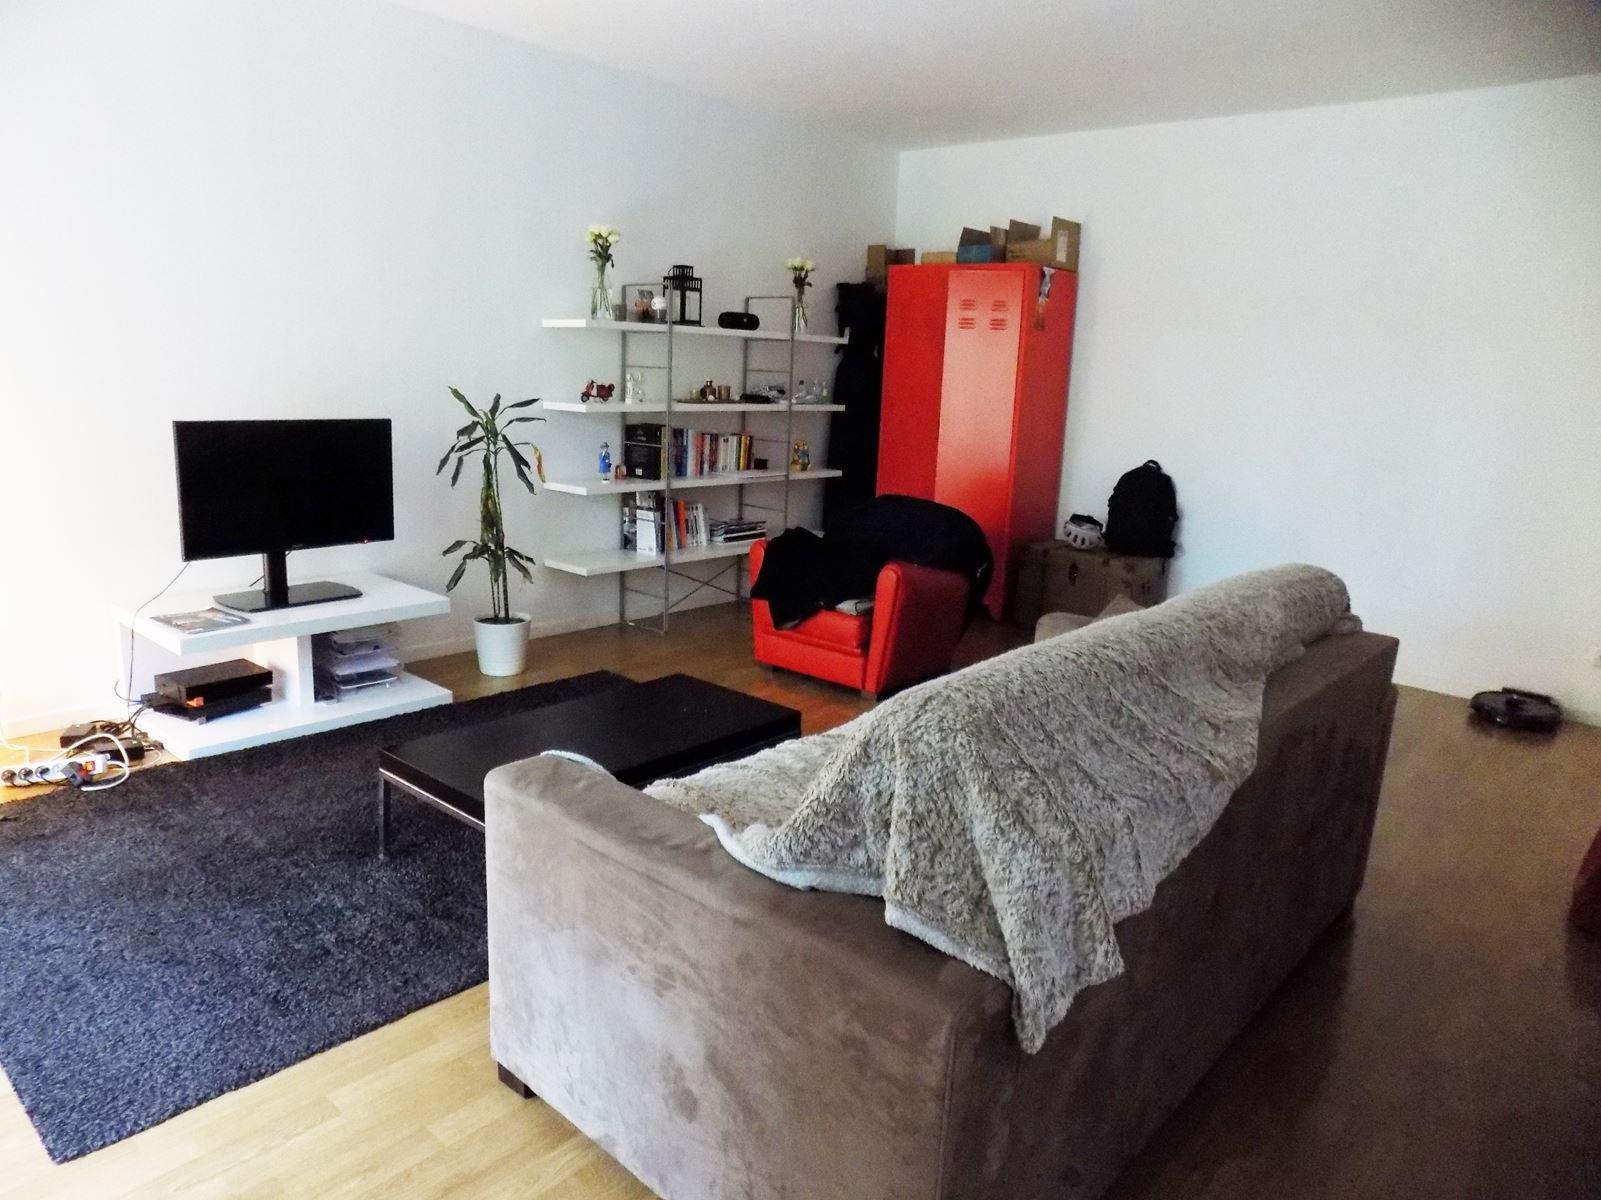 Appartement T3 - 71m² - 31200 TOULOUSE - PONTS JUMEAUX